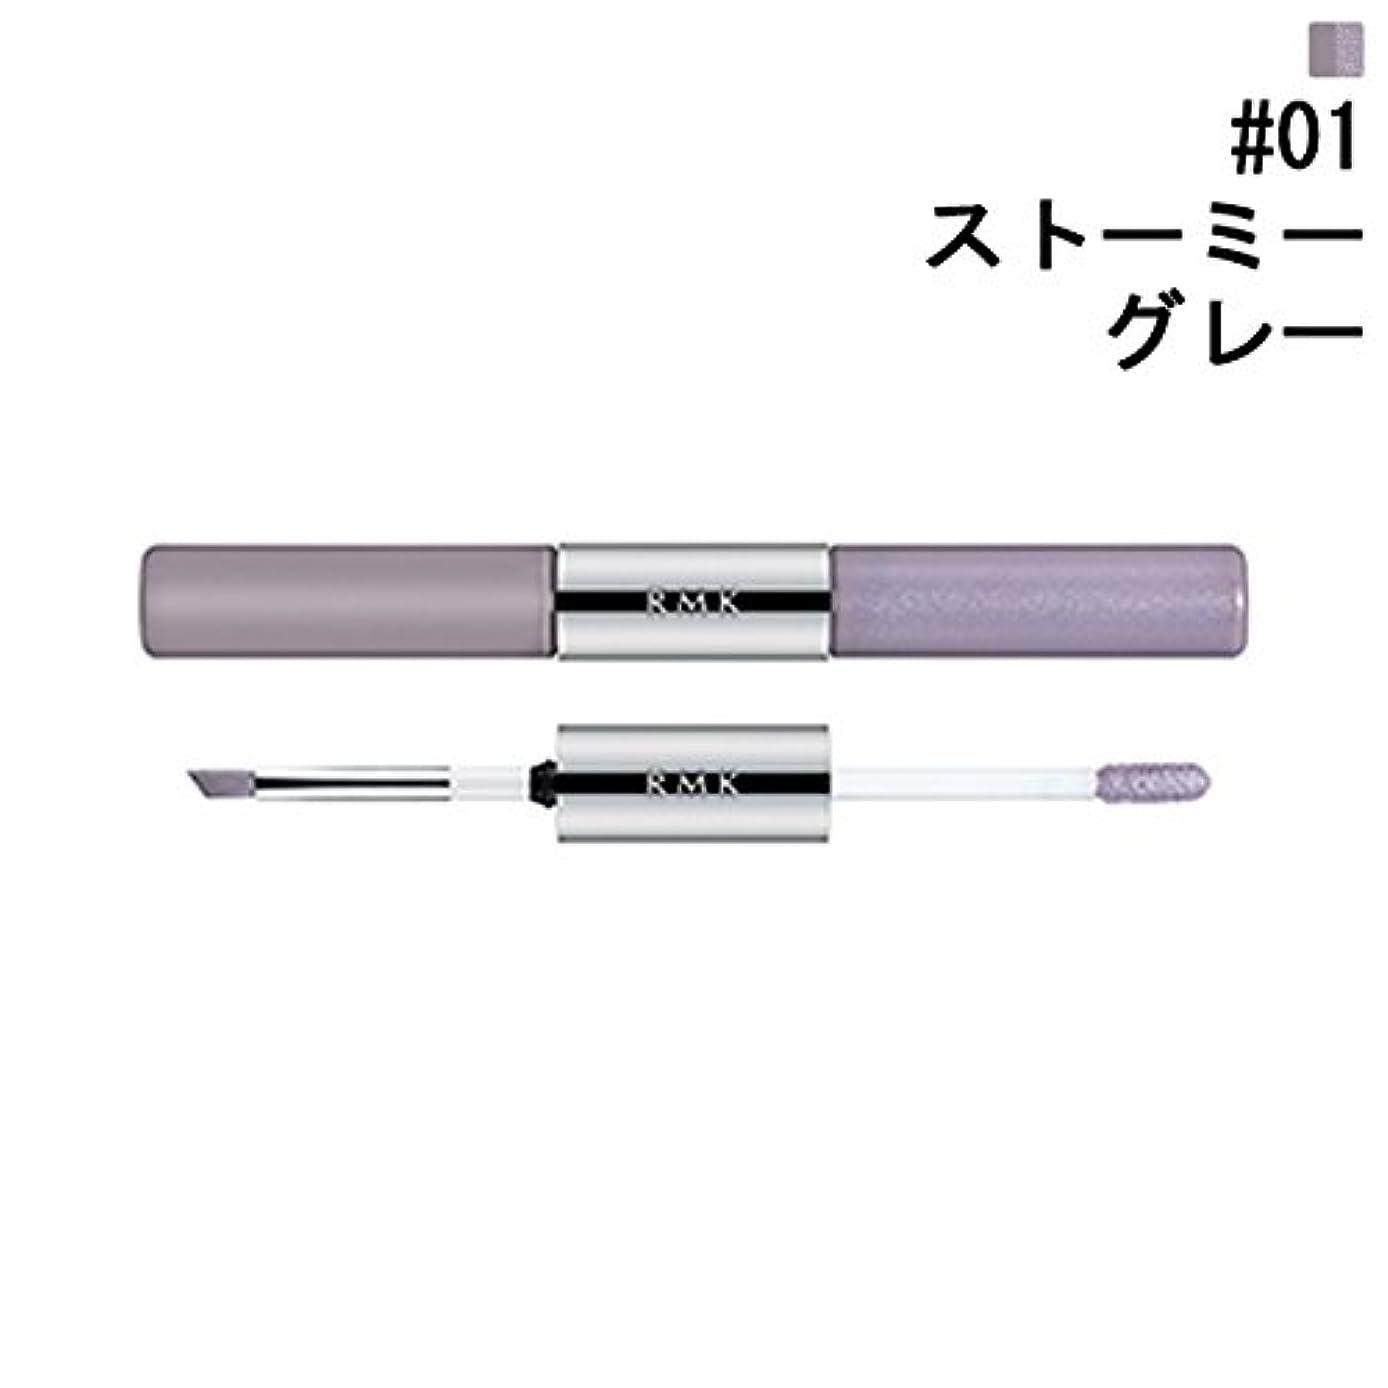 RMK Wウォーターアイズ カラーインク #01 ストーミーグレー 9.9g 【RMK (ルミコ)】